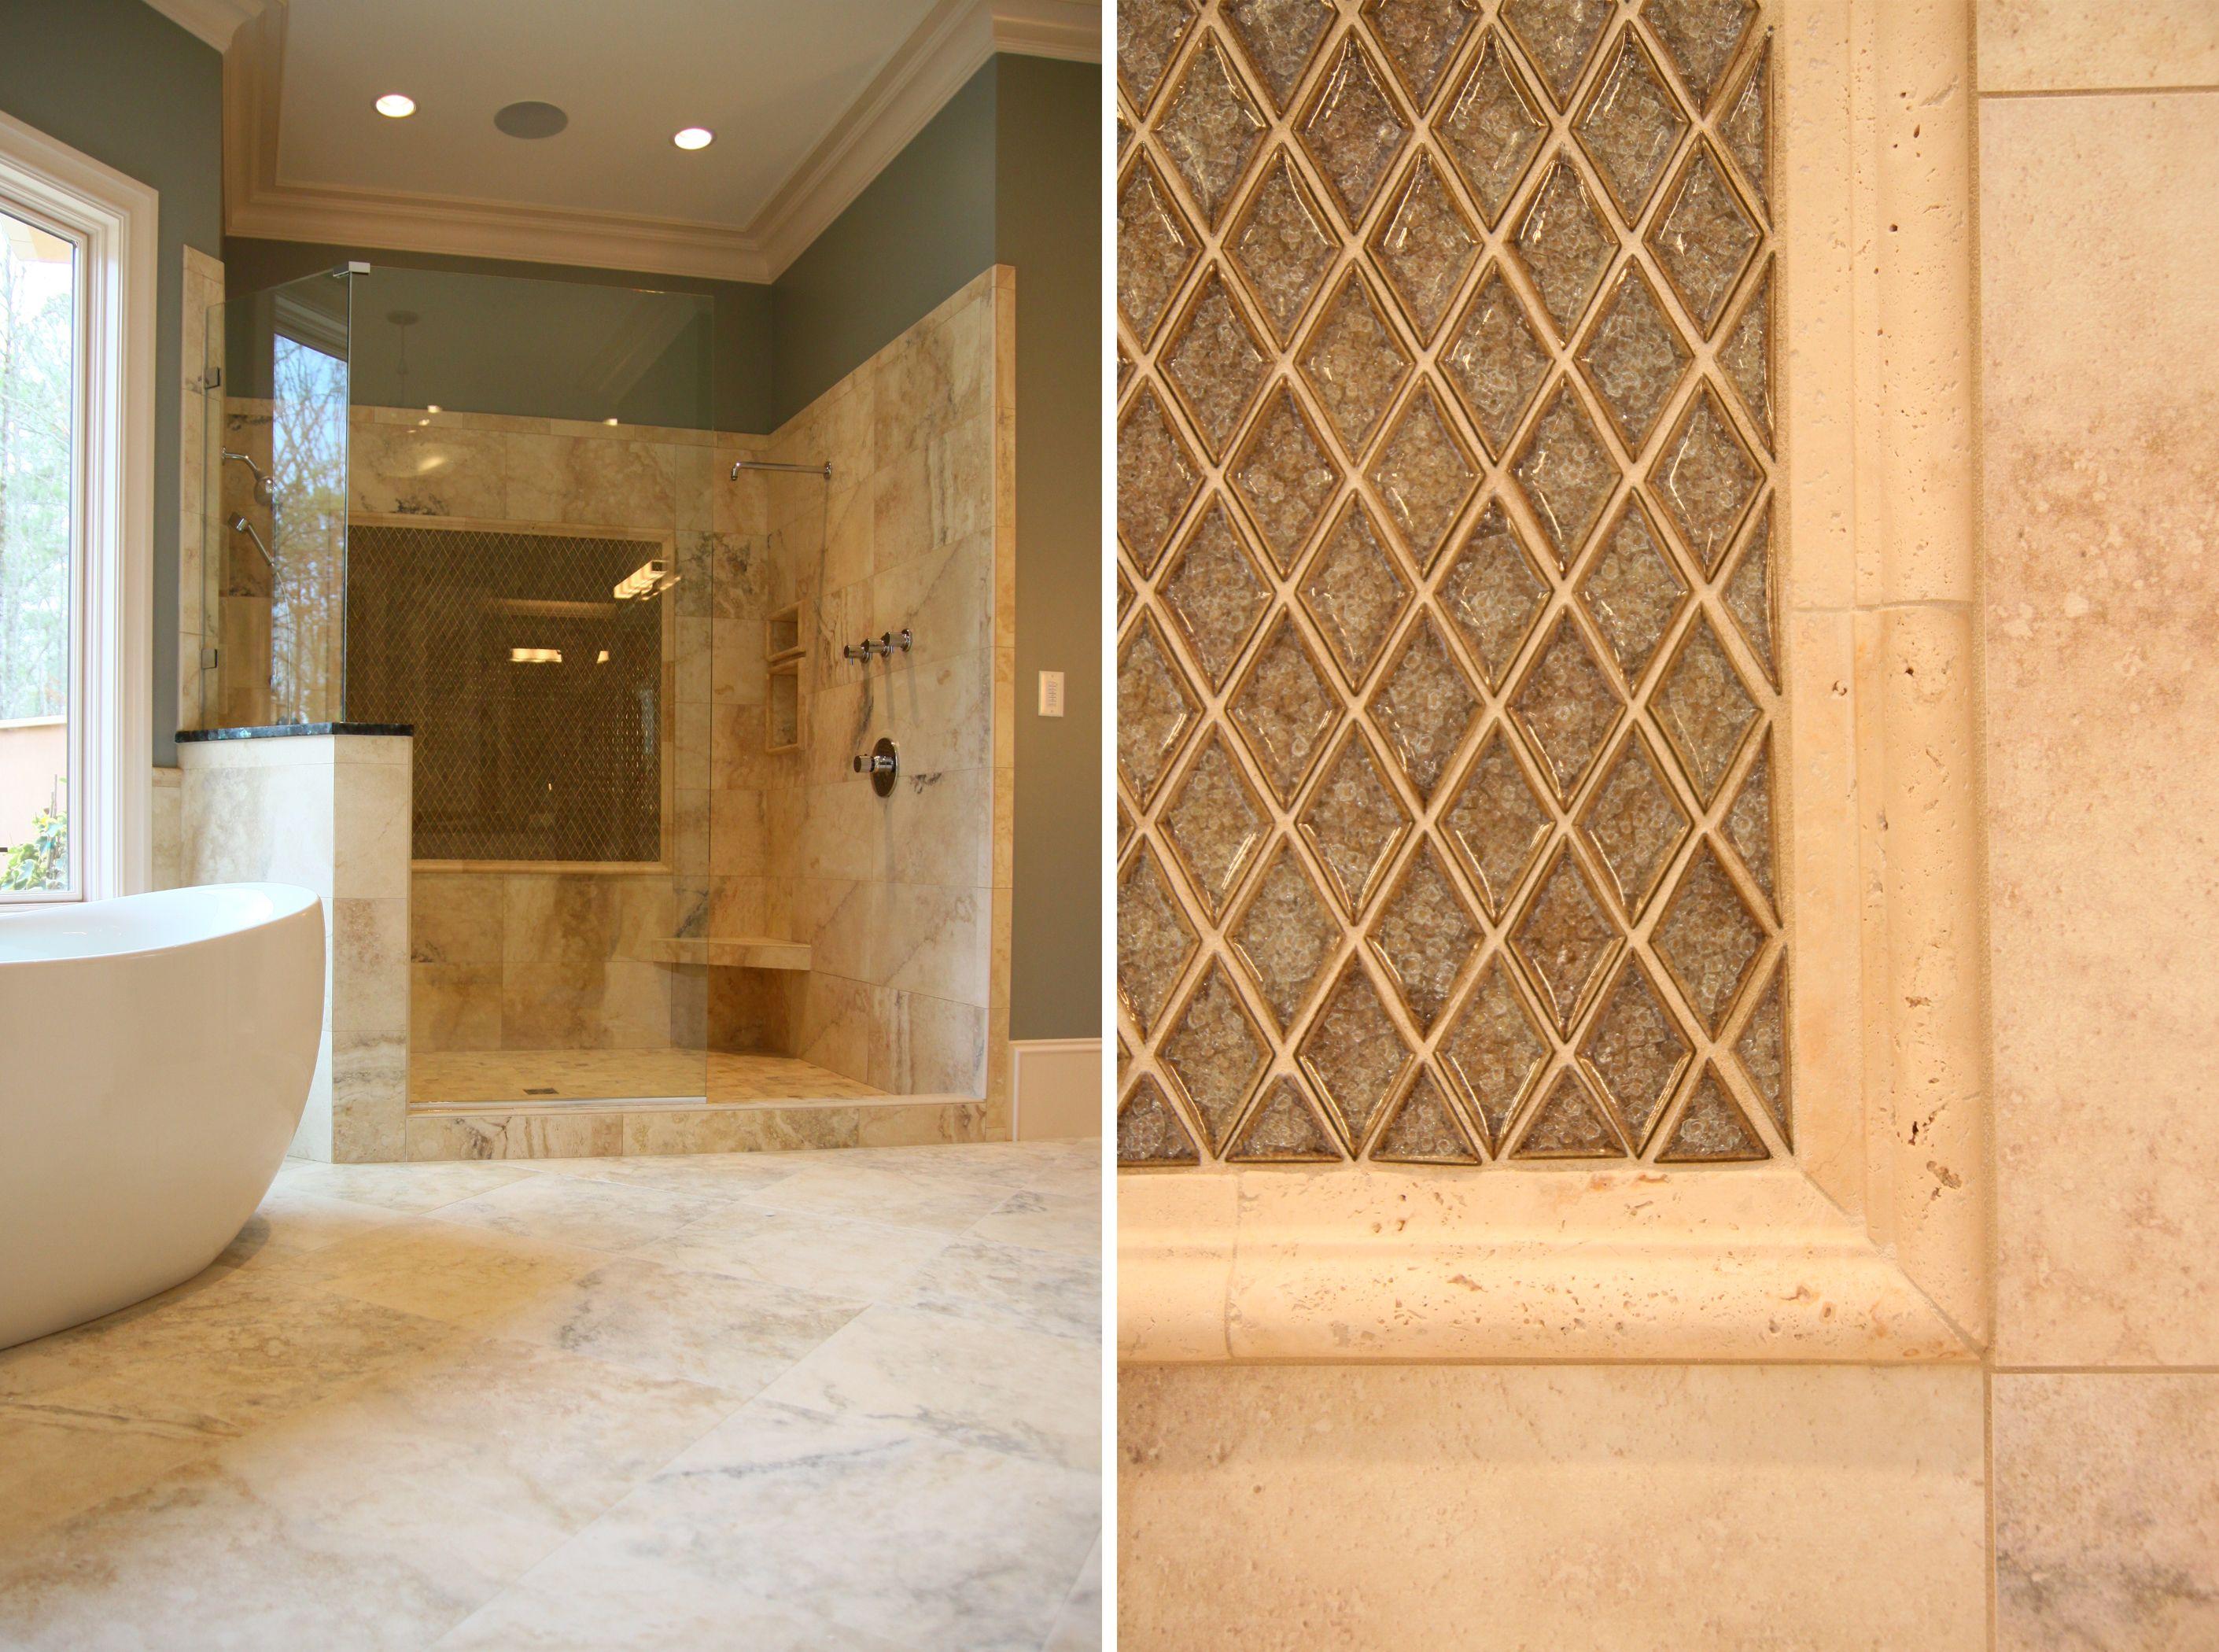 Master bathroom shower designs pictures - Master Bathroom Shower